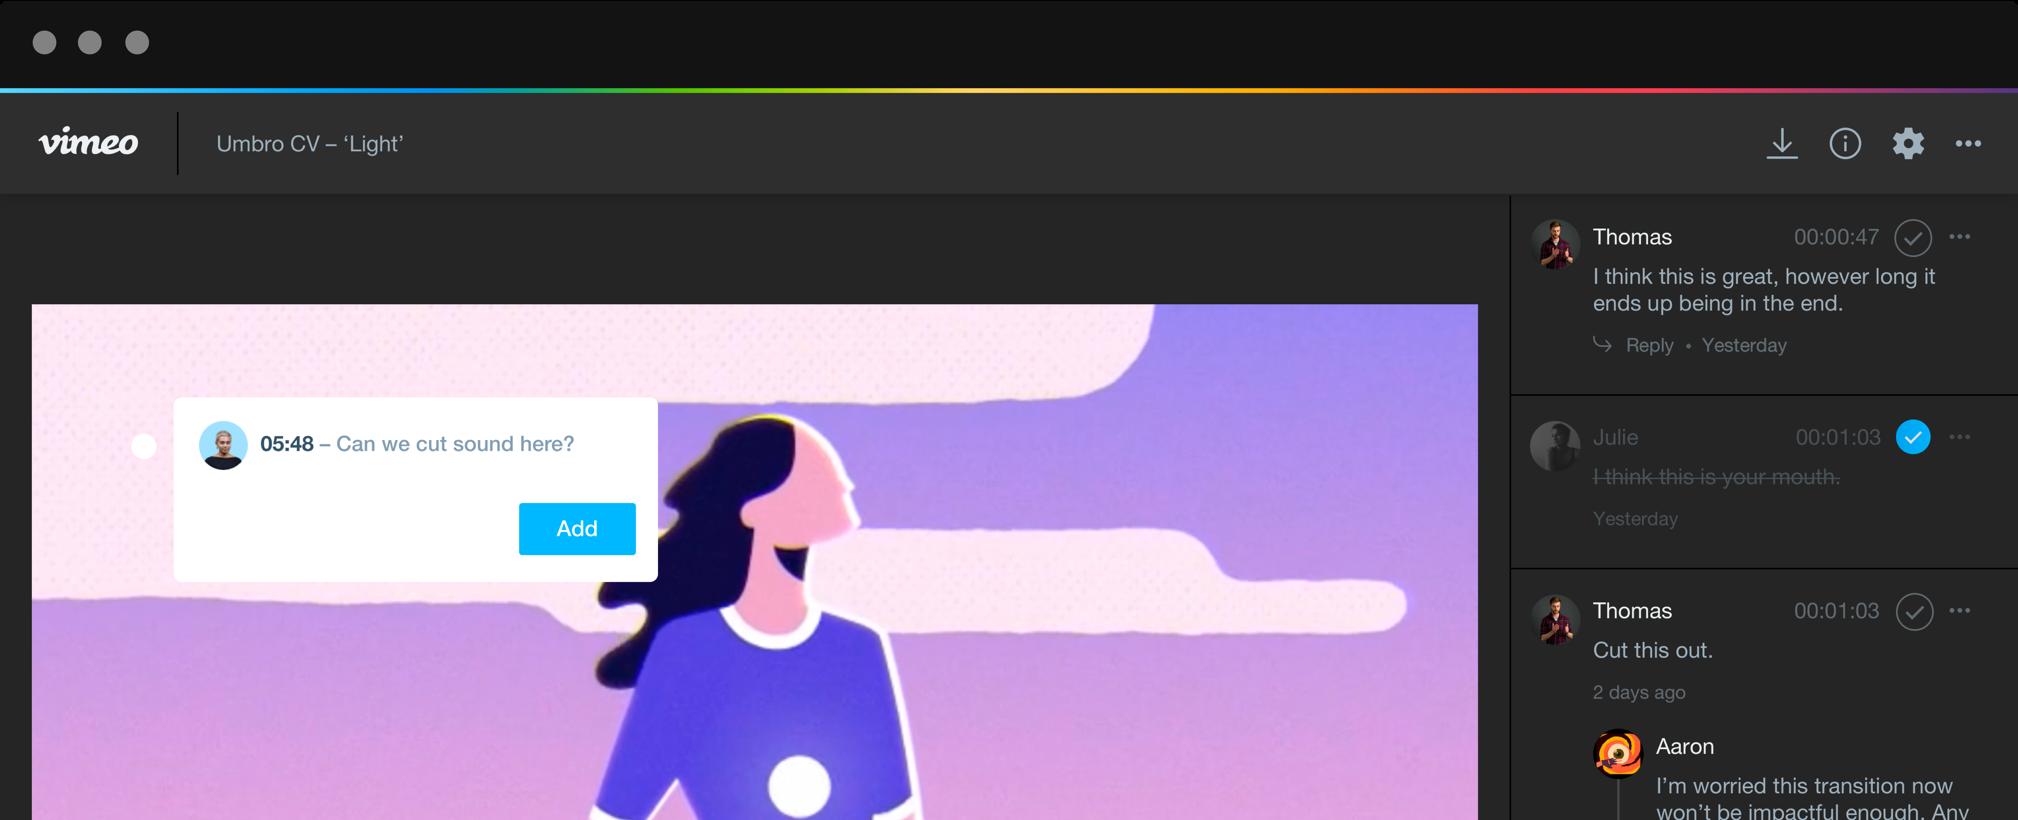 일러스트가 표시되는 리뷰 페이지. 검토자가 타임코드 메모를 작성하고 있고 현재 진행 중 및 해결된 메모들이 오른편에 표시됩니다.